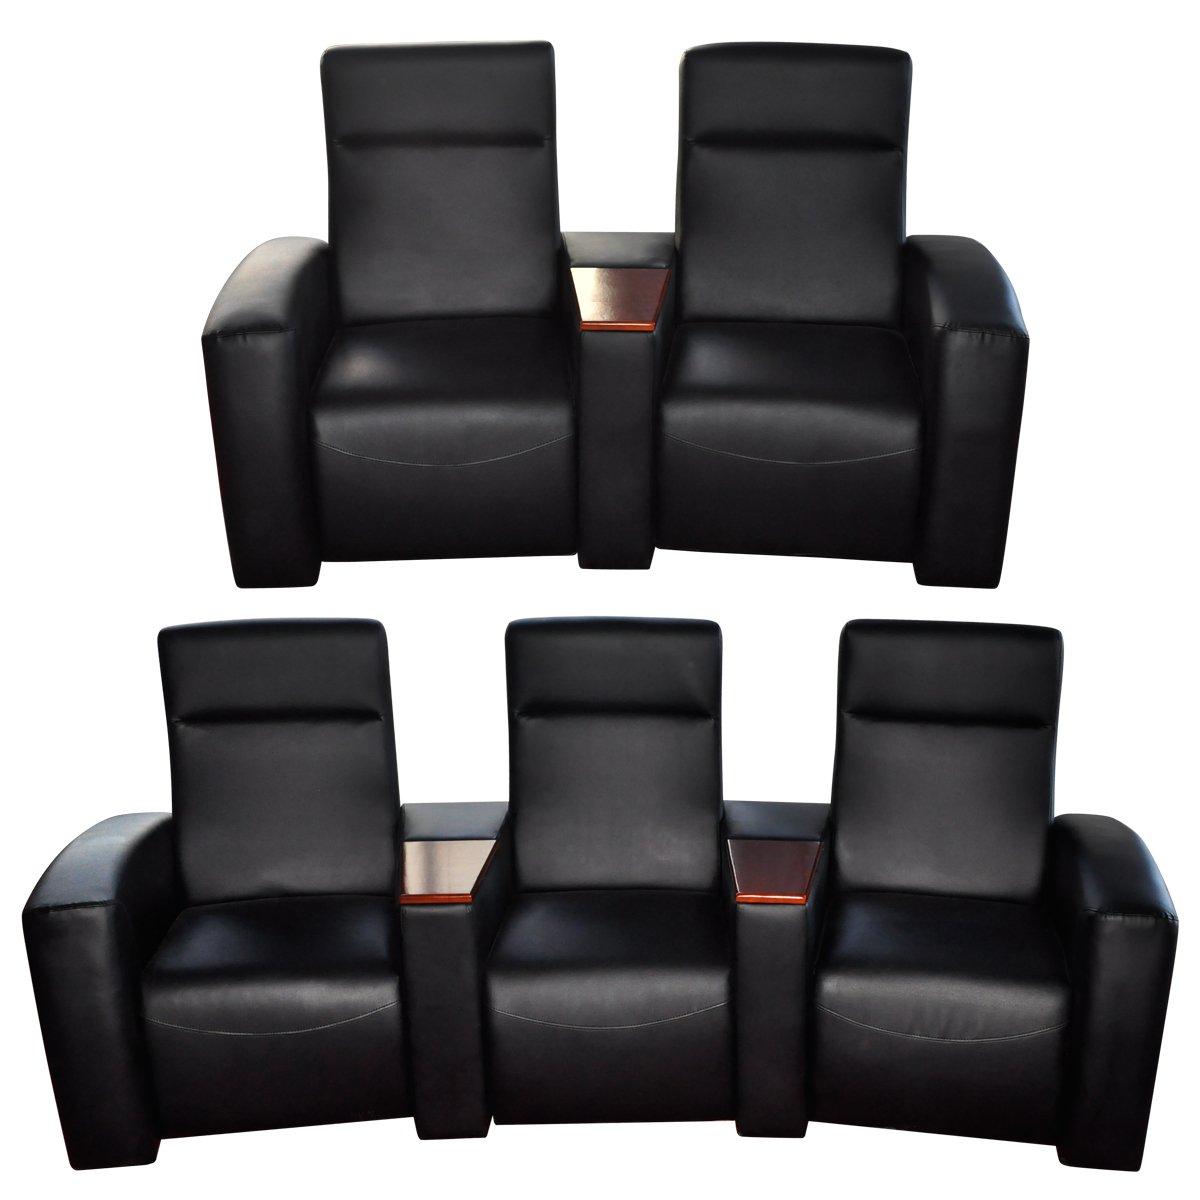 fauteuils home cin ma page 90 29691309 sur le forum domotique 1325 du site. Black Bedroom Furniture Sets. Home Design Ideas